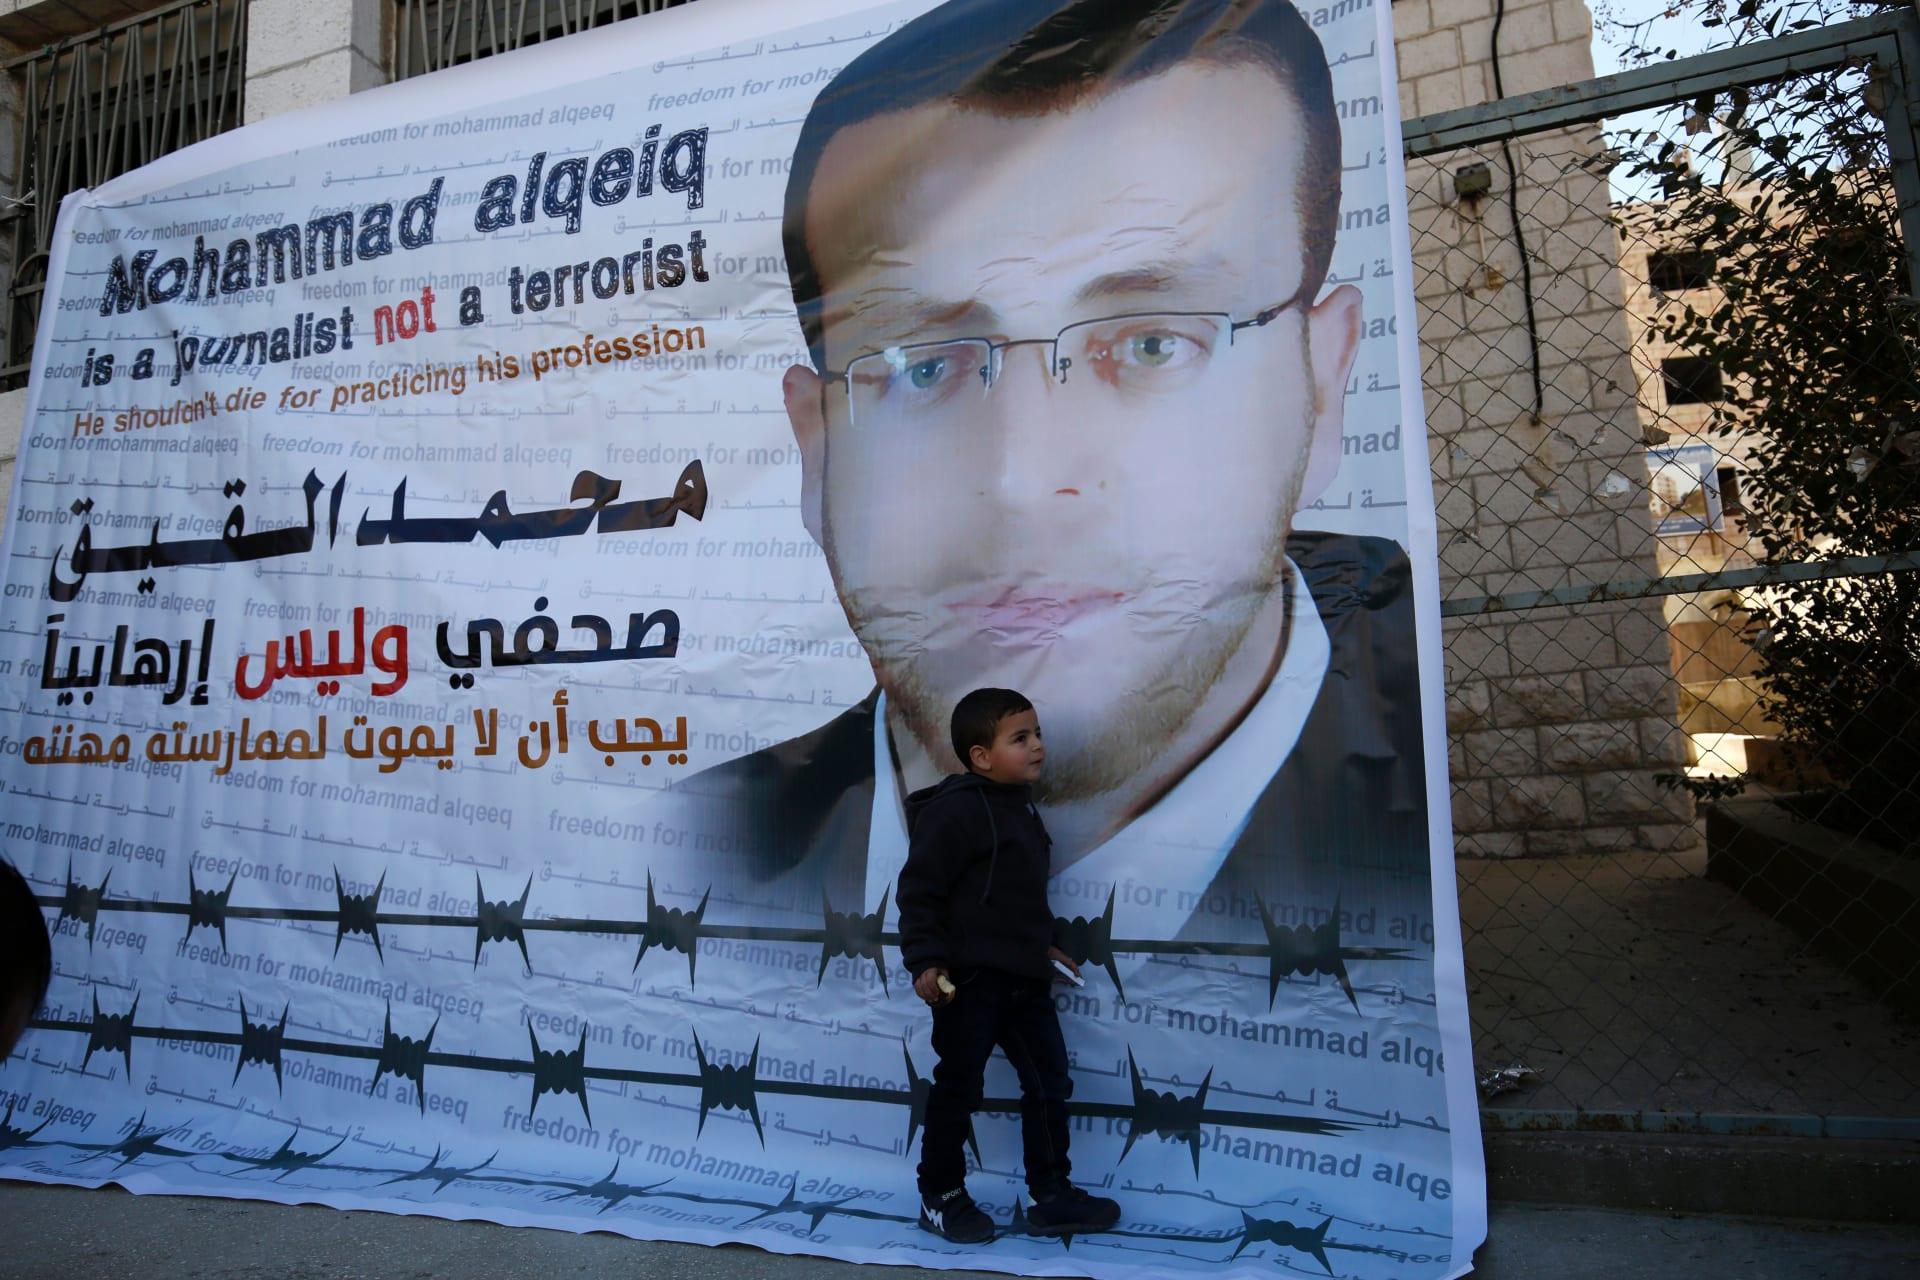 إسرائيل: تعليق اعتقال الصحفي الفلسطيني المضرب عن الطعام منذ 71 يوماً